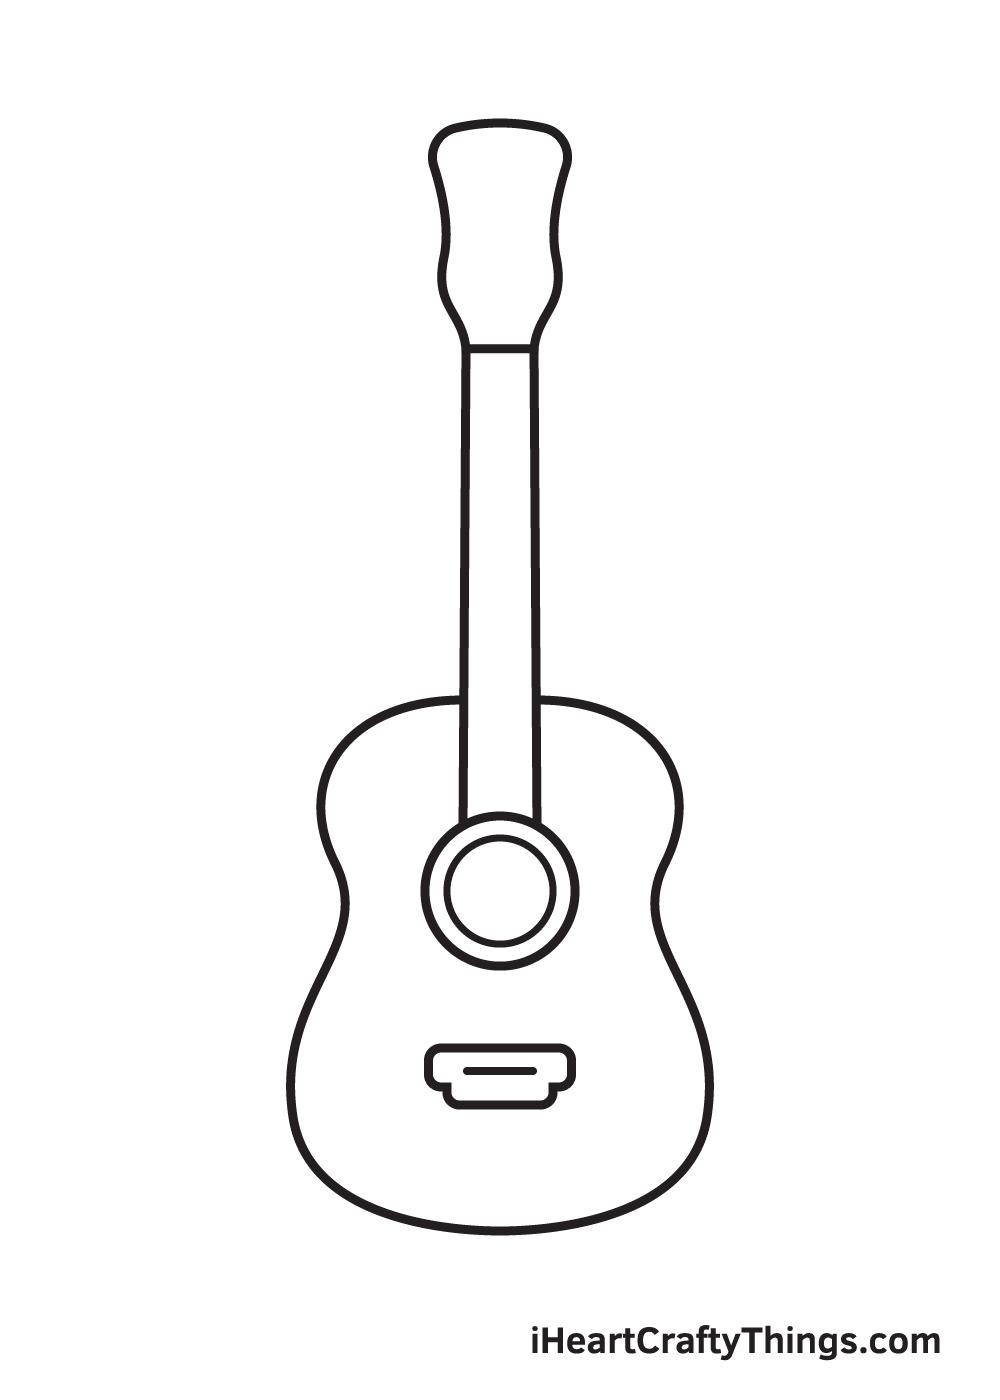 Vẽ đàn guitar - Bước 5